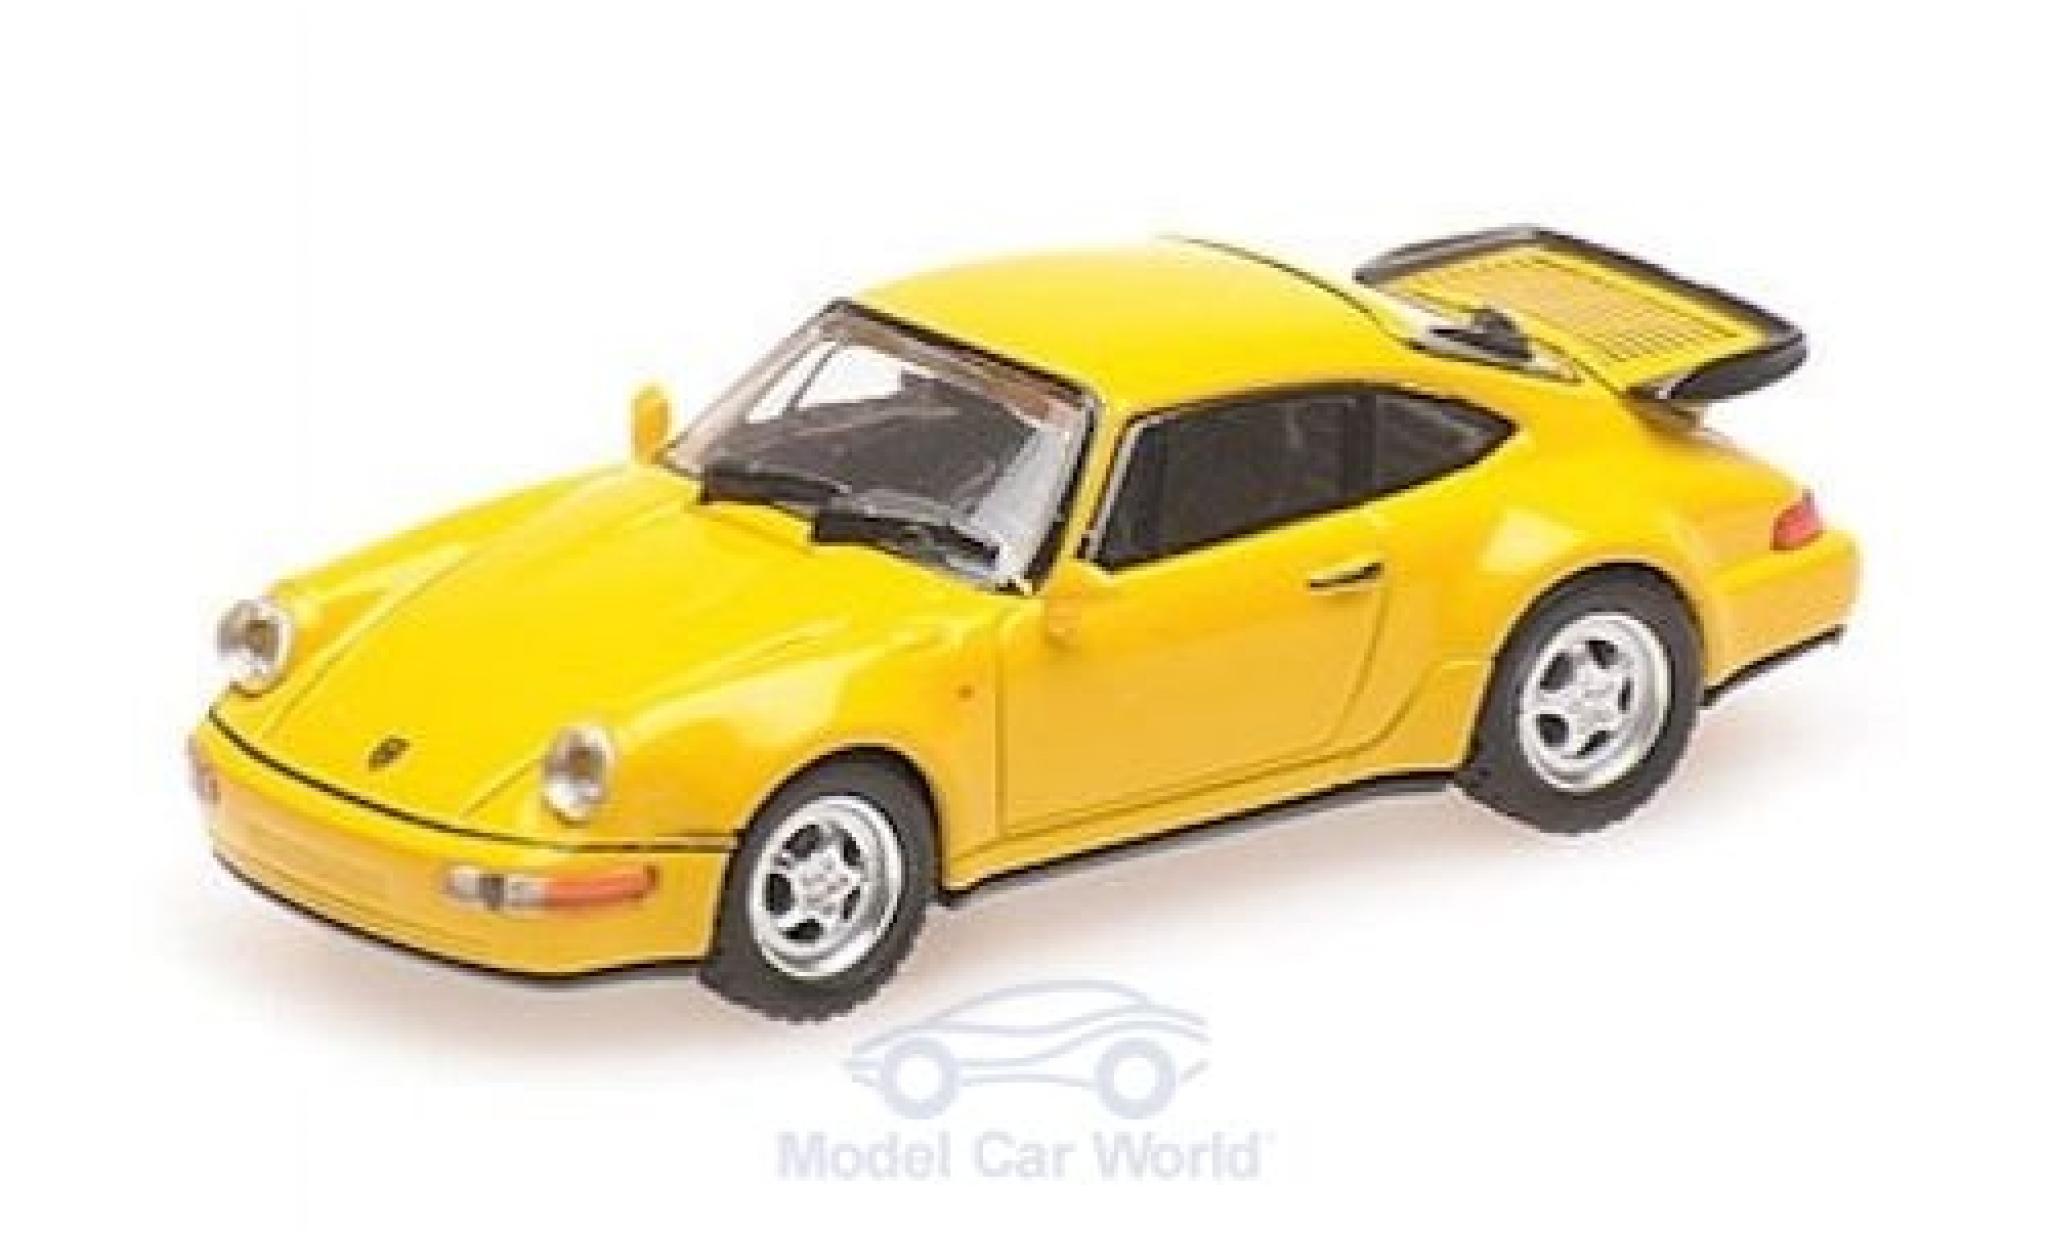 1:87 Porsche 964 Turbo Welly